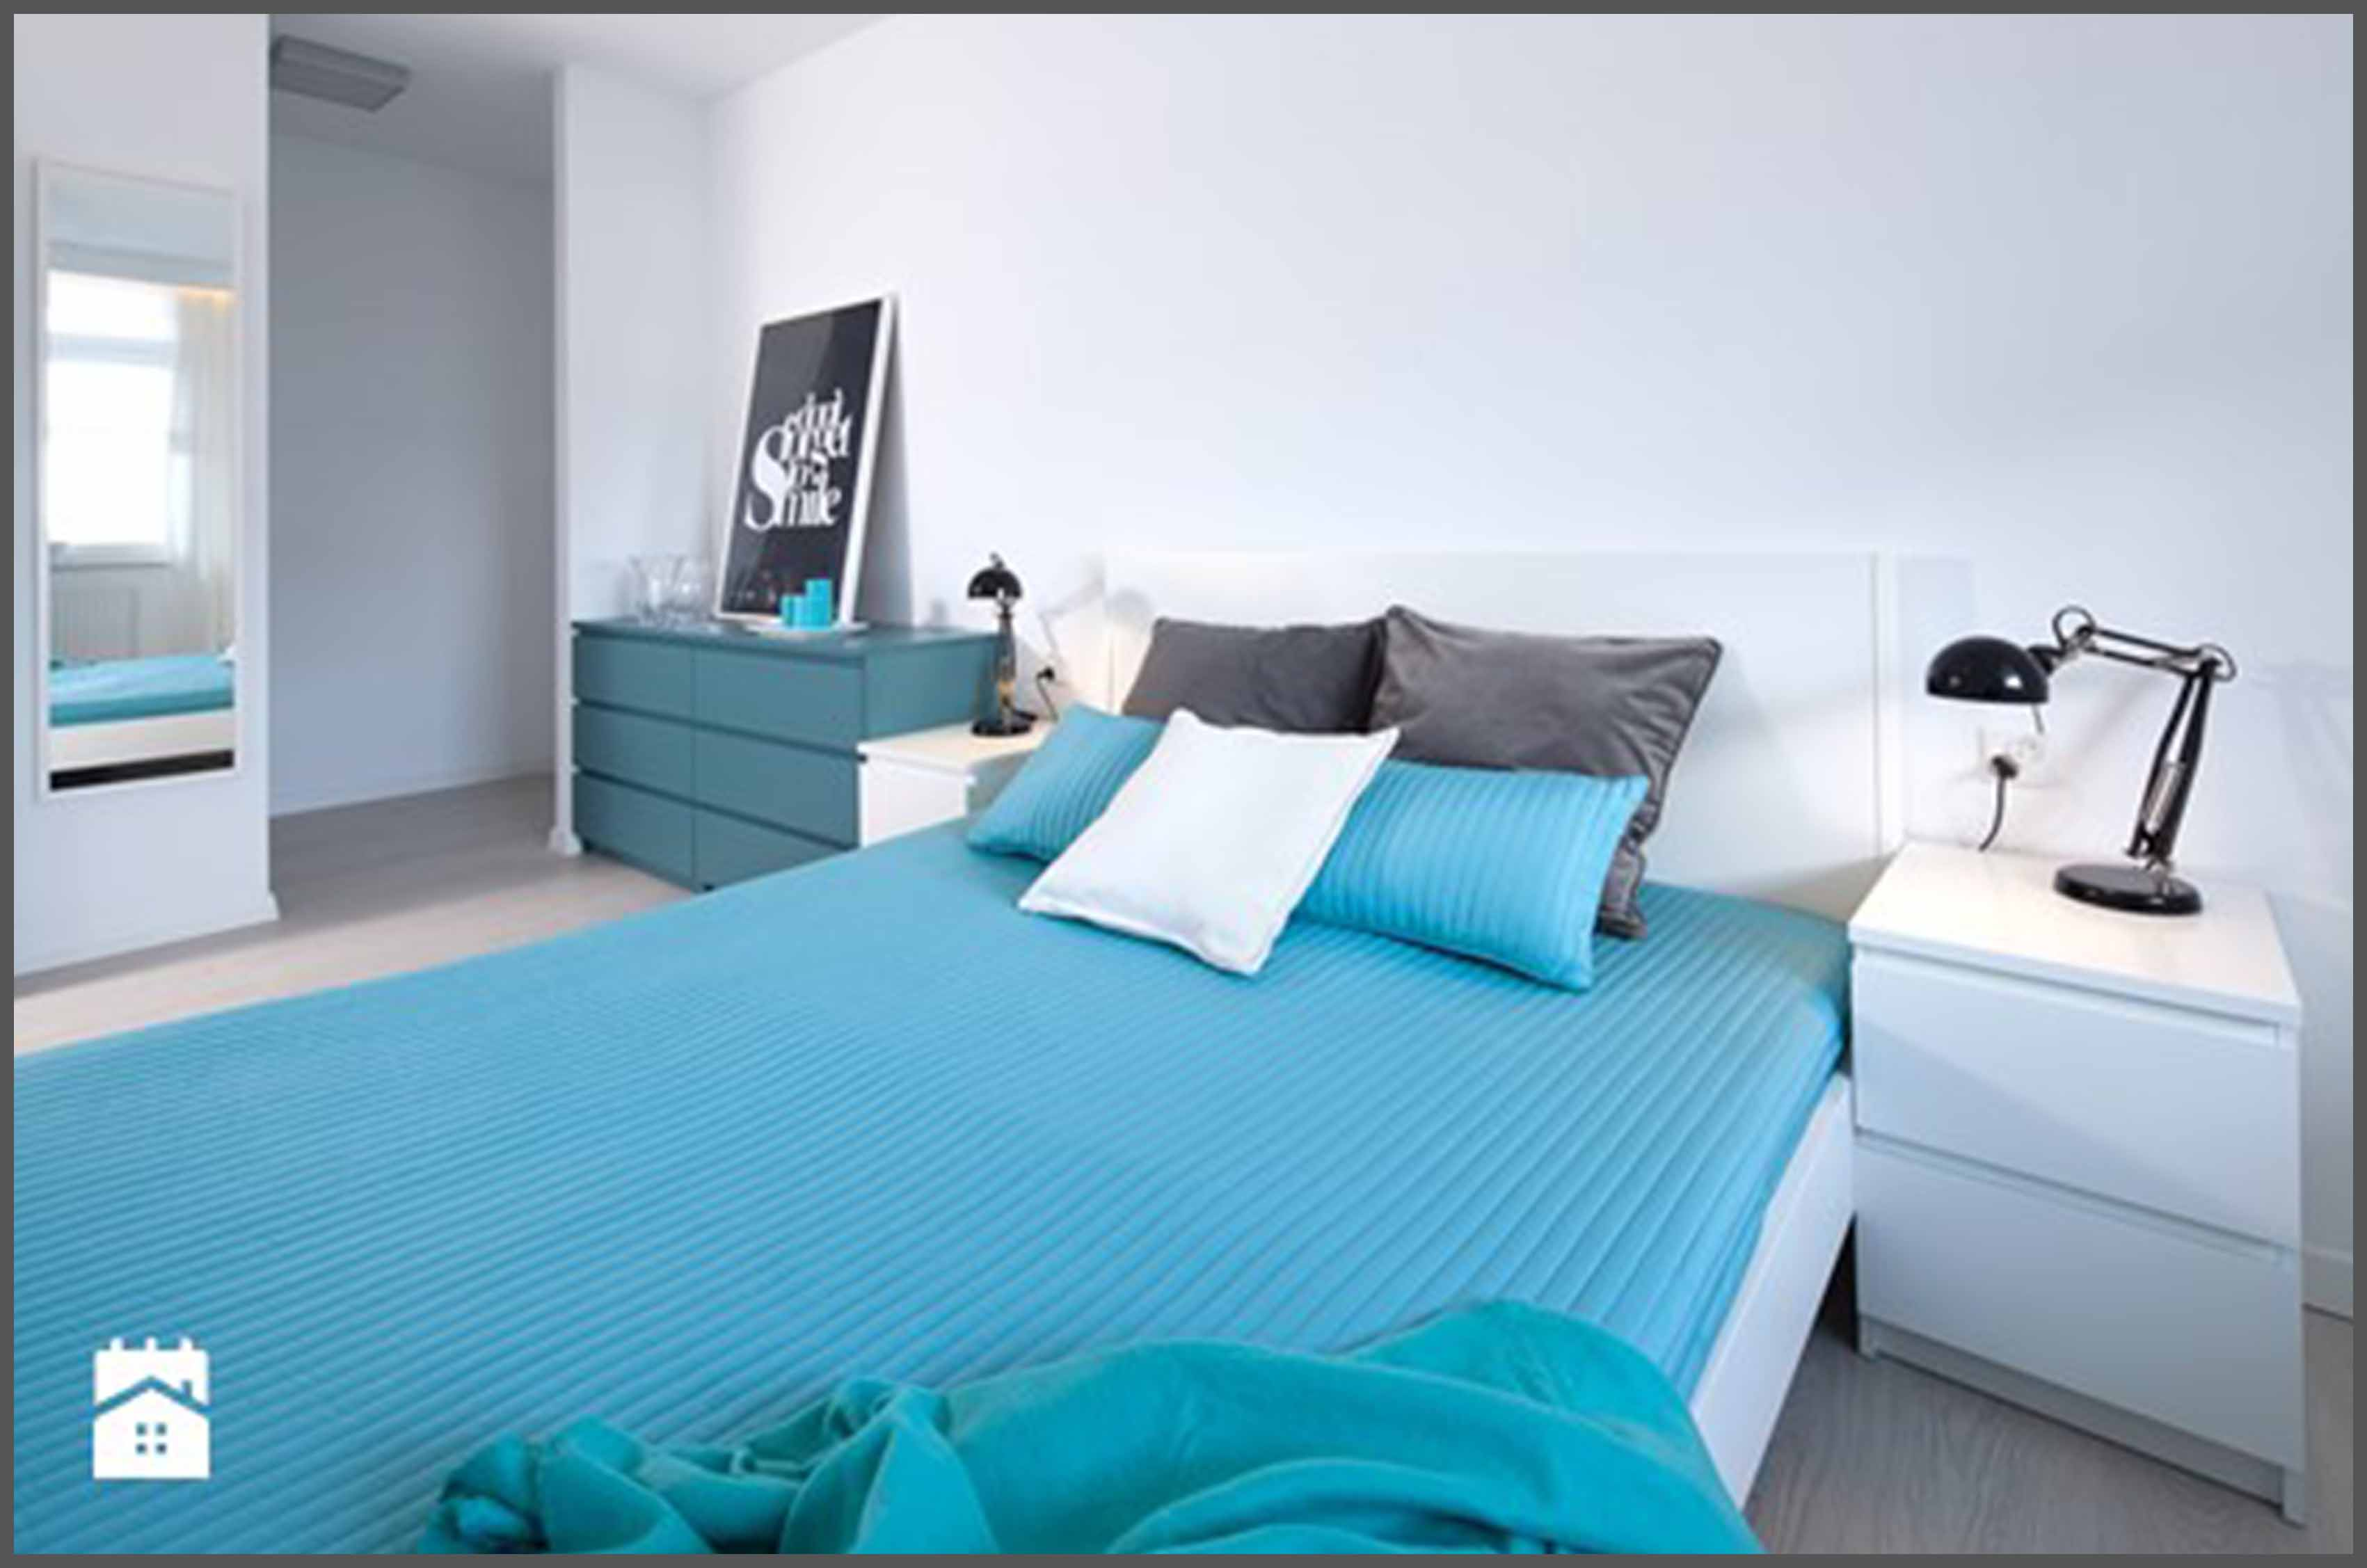 Fototapeta z palmą w sypialni - metamorfoza pokoju ARCHISTACJA.PL